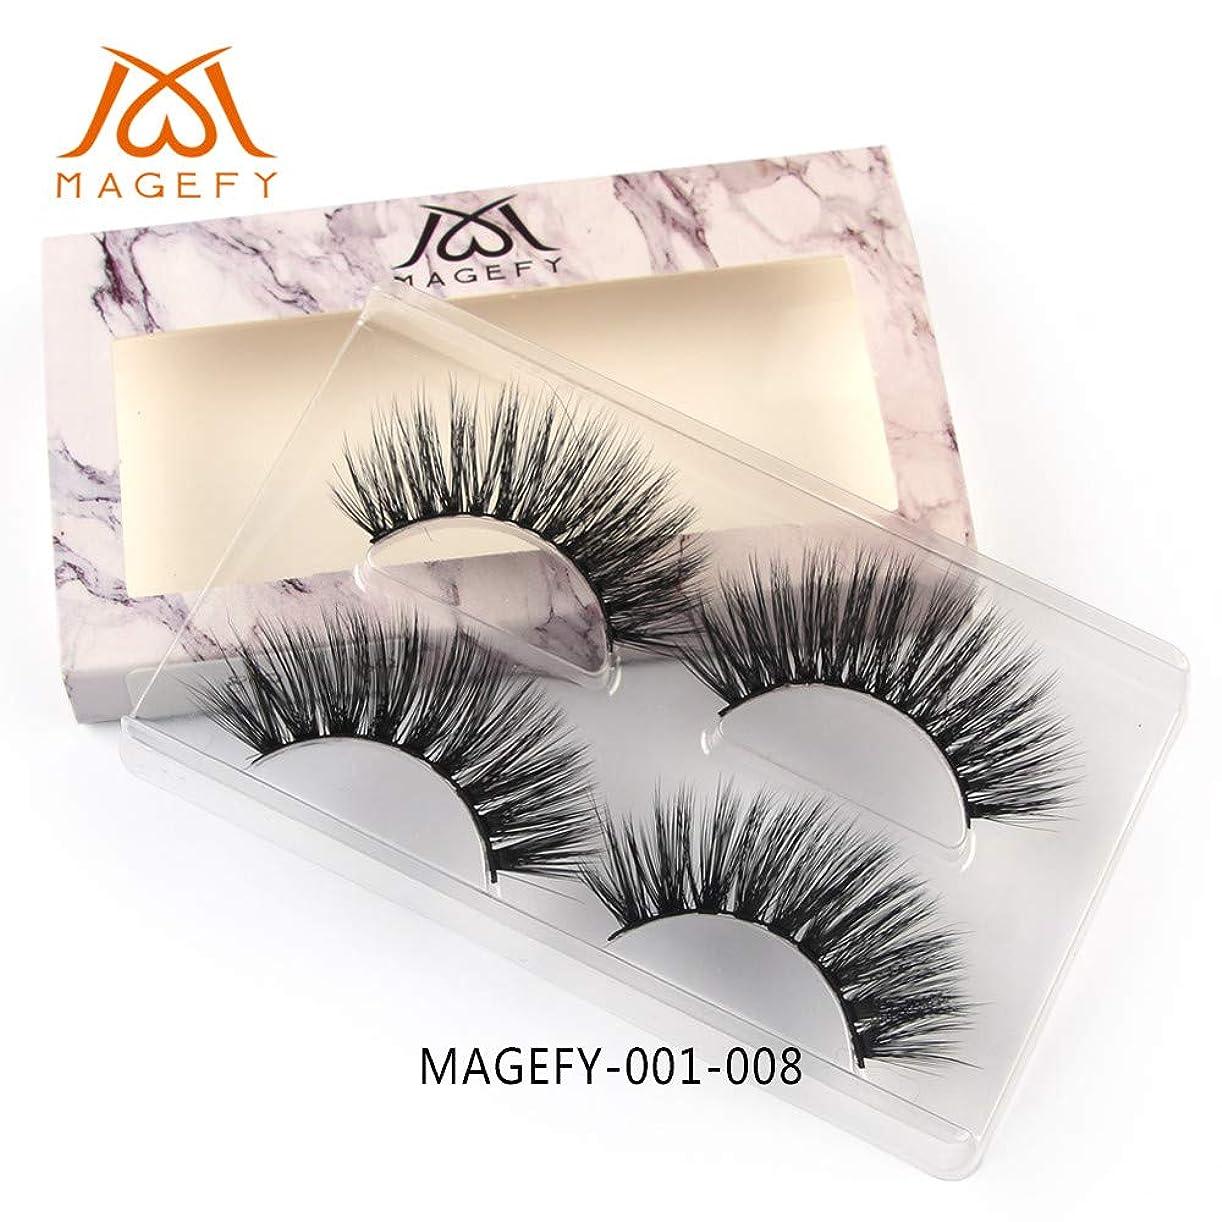 散文カッター欲望Feteso つけまつげ 2組 まつげセット 3D 偽のつけまつげ 高品質 魅力的手作り 超極細素材 人気 ナチュラル 飾り 再利用可能 新品 濃密 セット やわらかい Natural Thick Black Eye Lashes